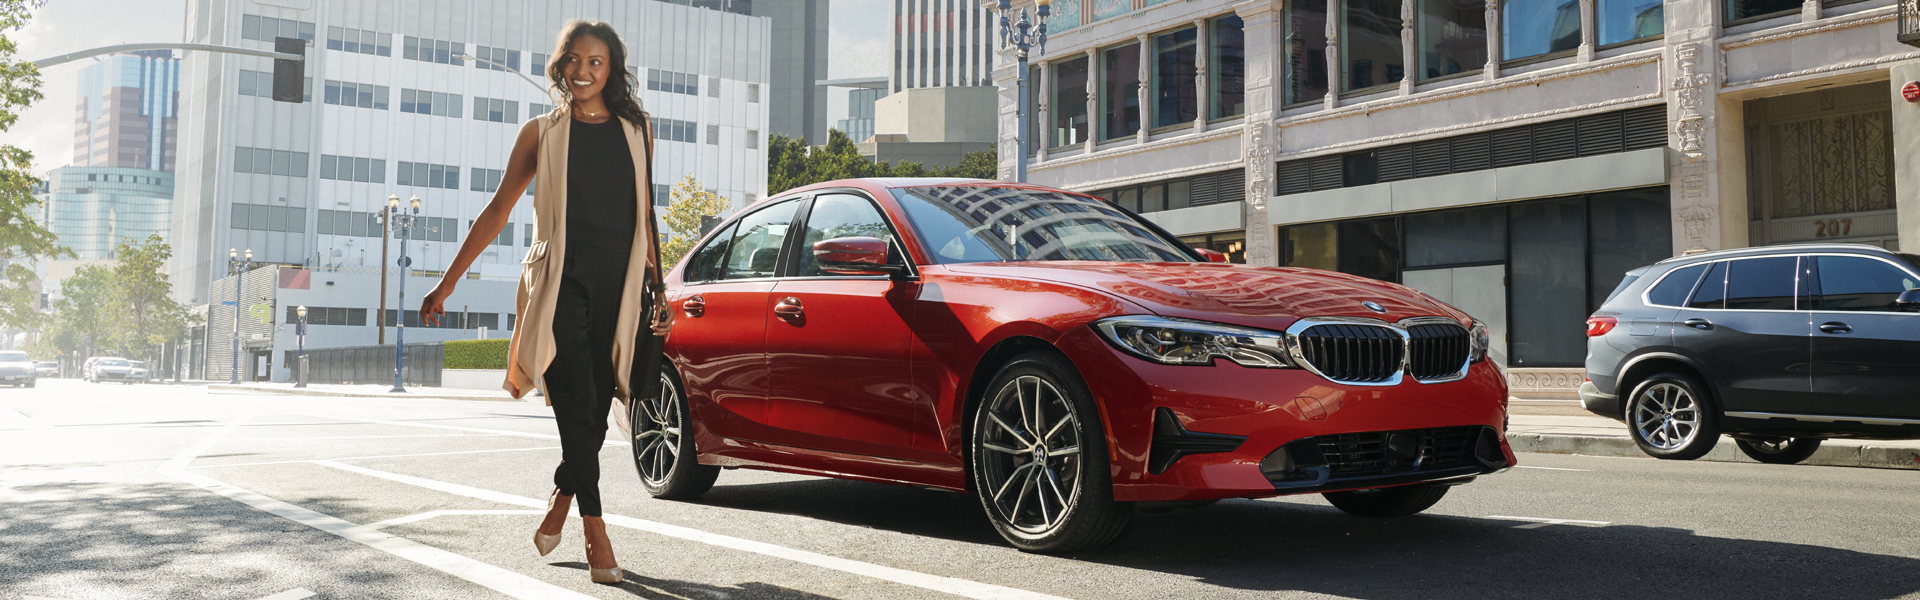 New BMW X5 Model Information   BMW of Minnetonka